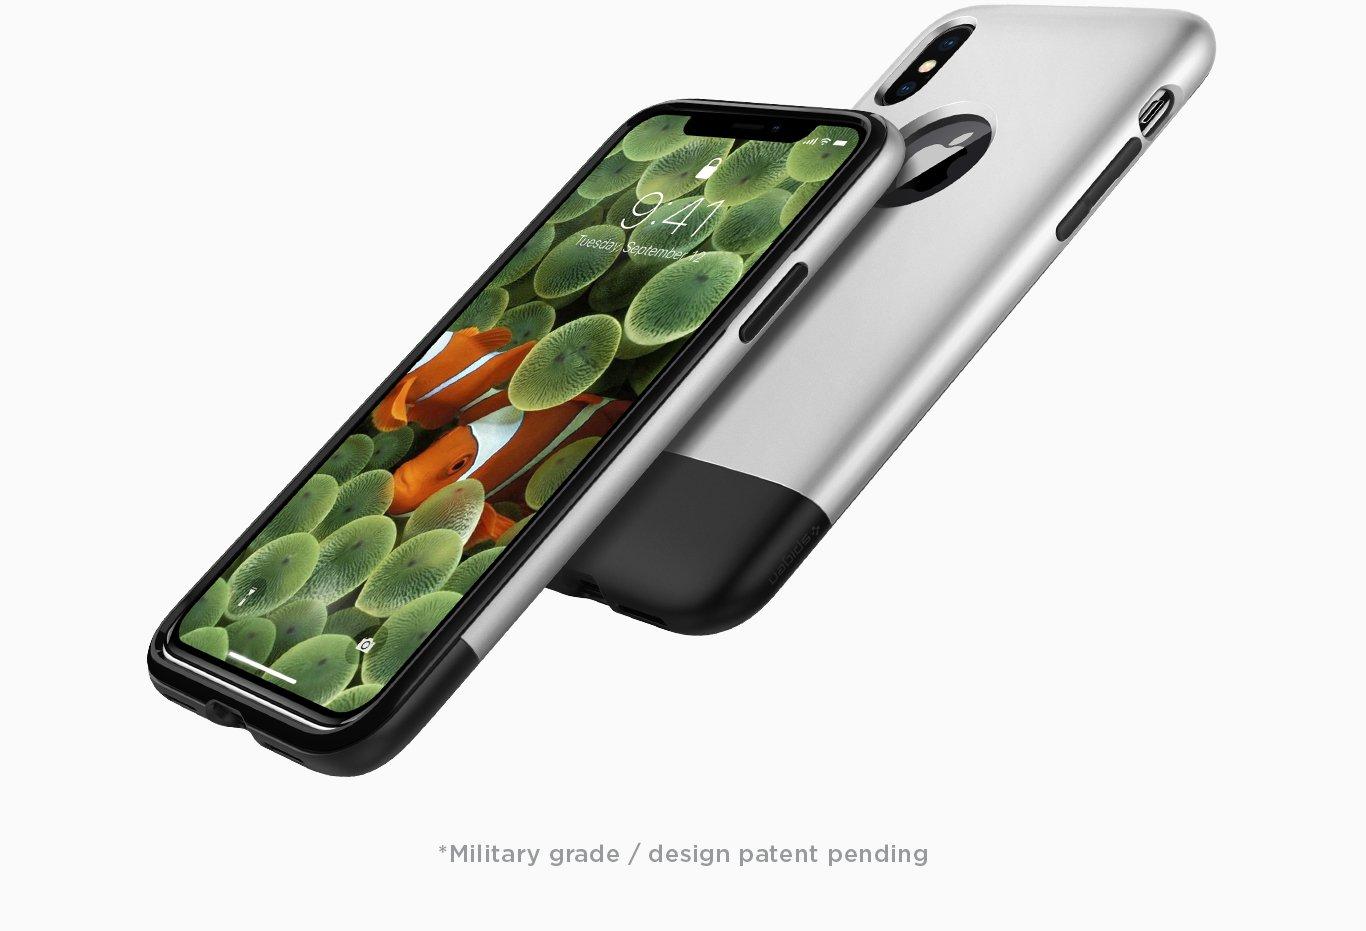 Spigen iPhone X cases